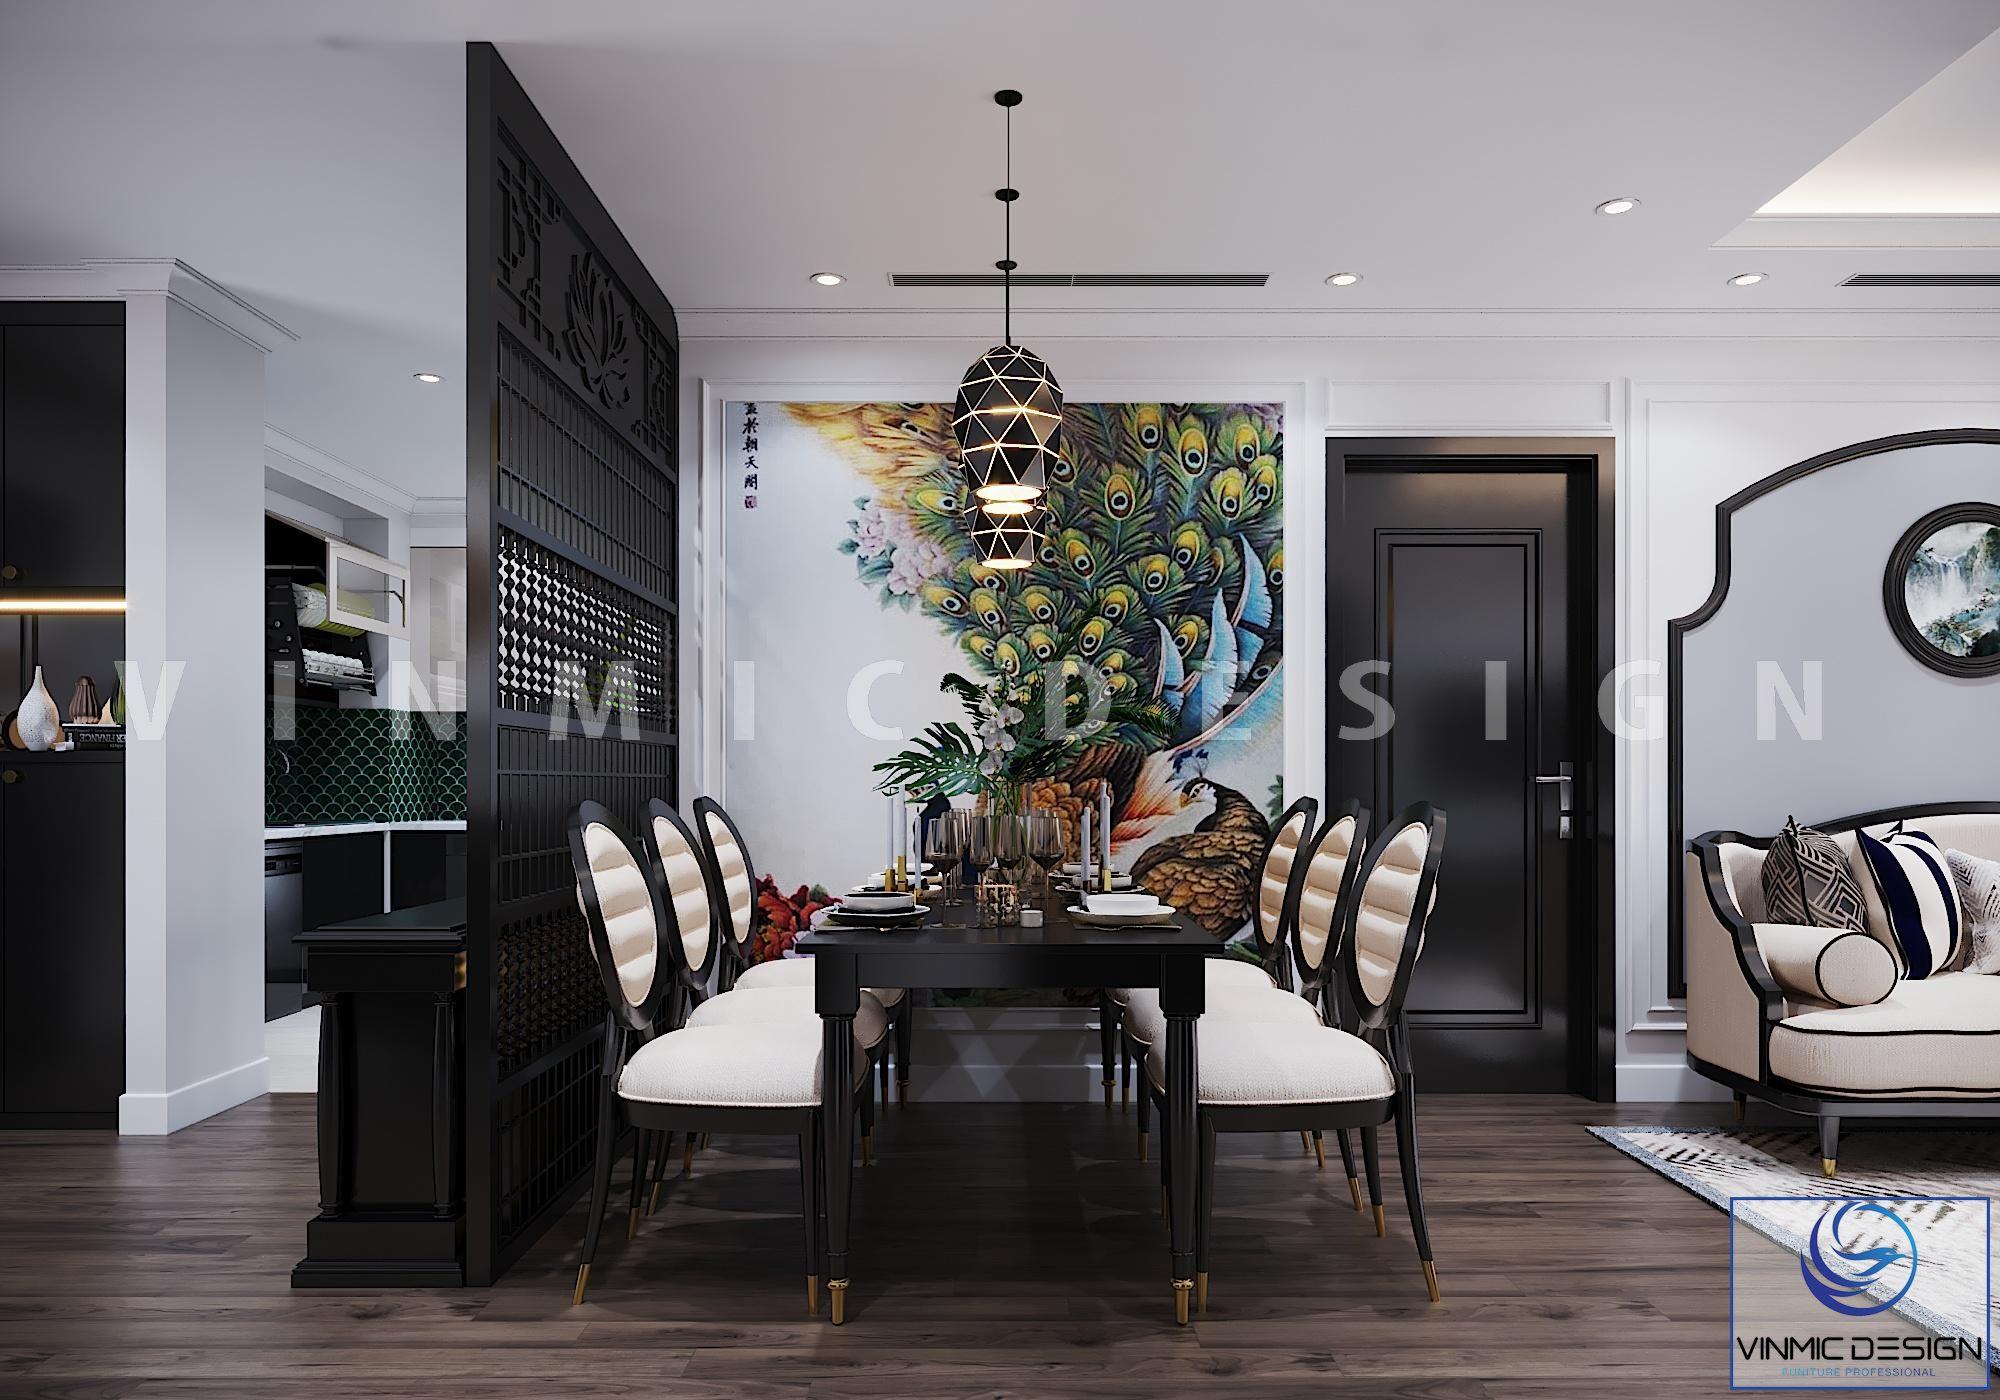 Thiết kế nội thất phong cách Indochine (Á Đông) nổi bật với bộ bàn ăn sang trọng tại chung cư Vinhomes Metropolis